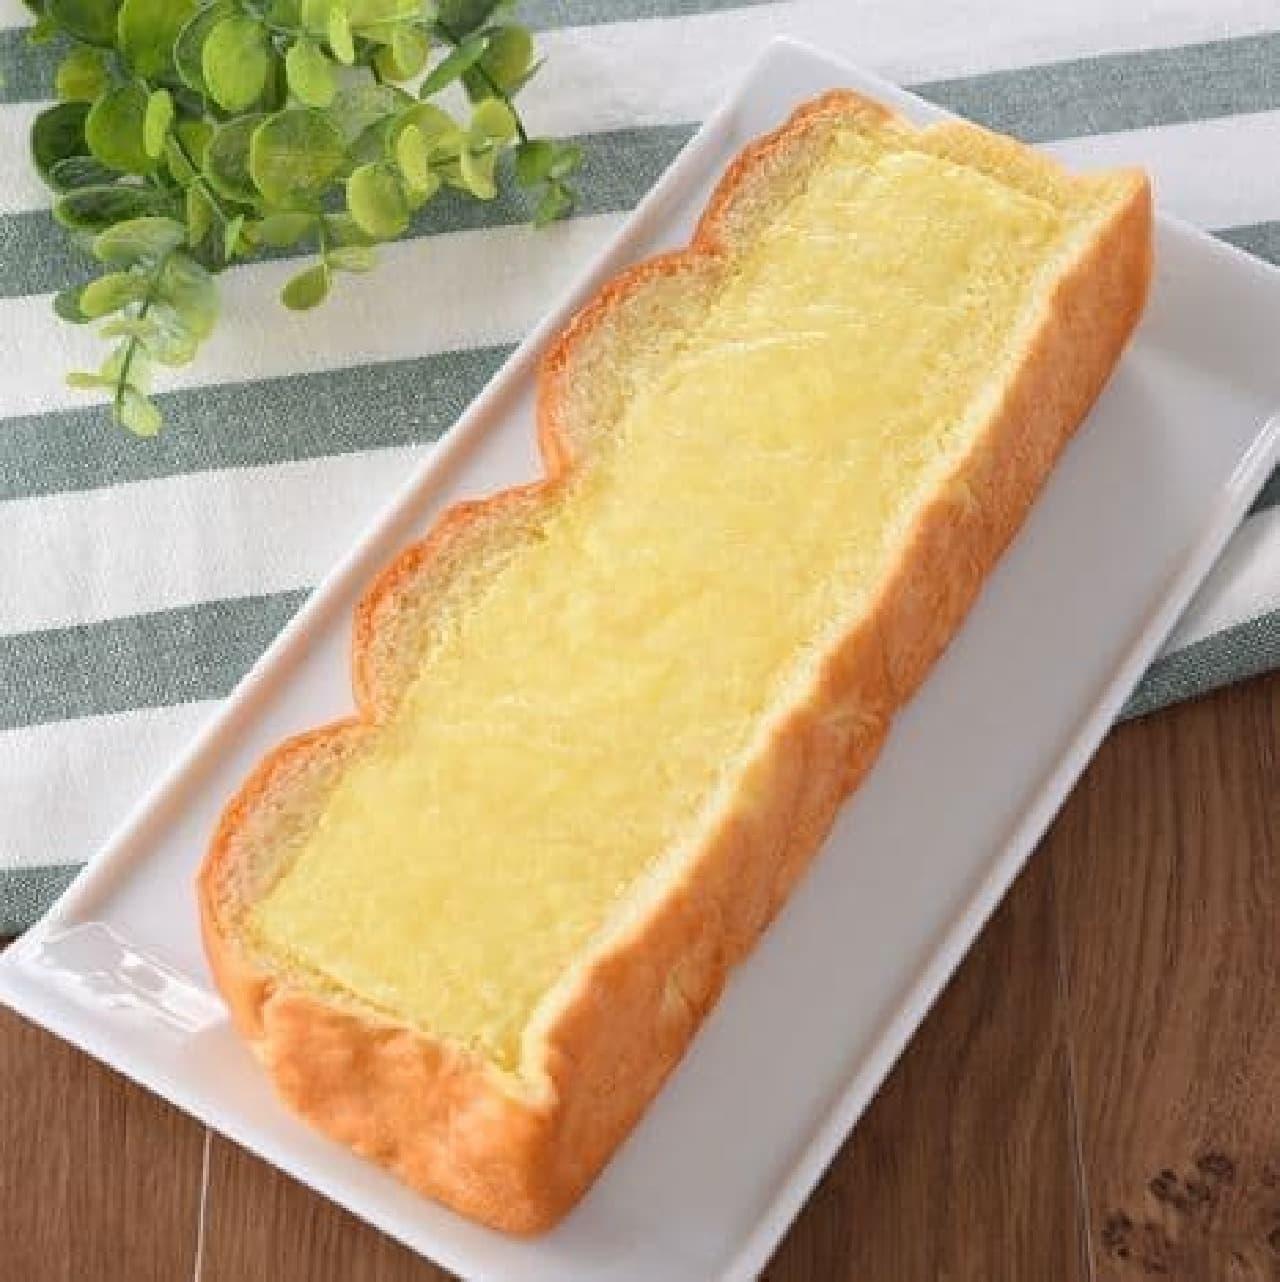 ファミリーマート「ちぎれるシュガーマーガリンのパン(ロレーヌ岩塩入りマーガリン使用)」